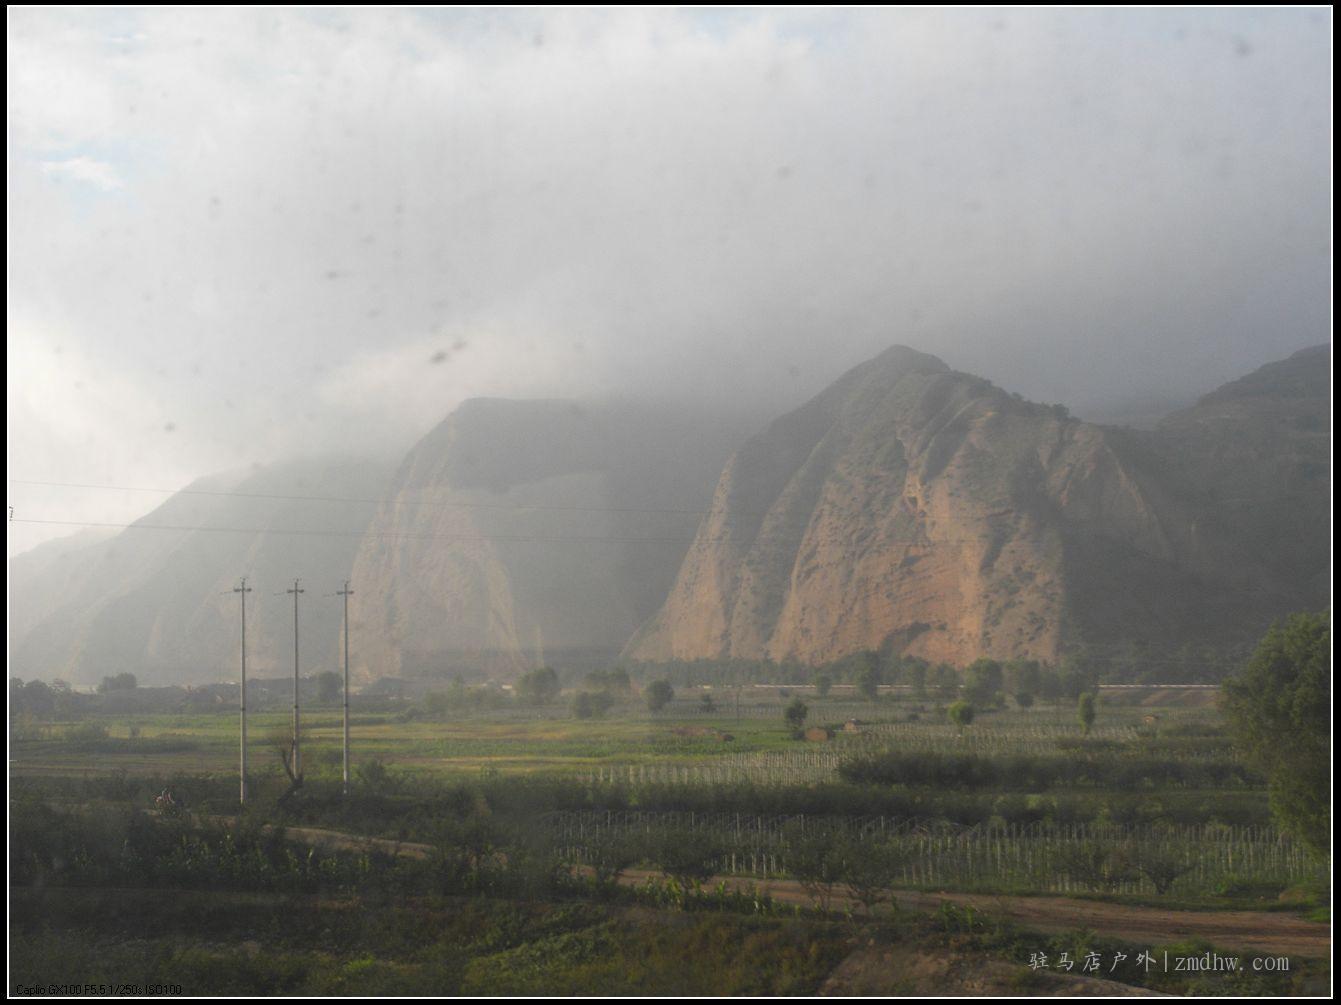 新疆行(一)——火车窗外的风景